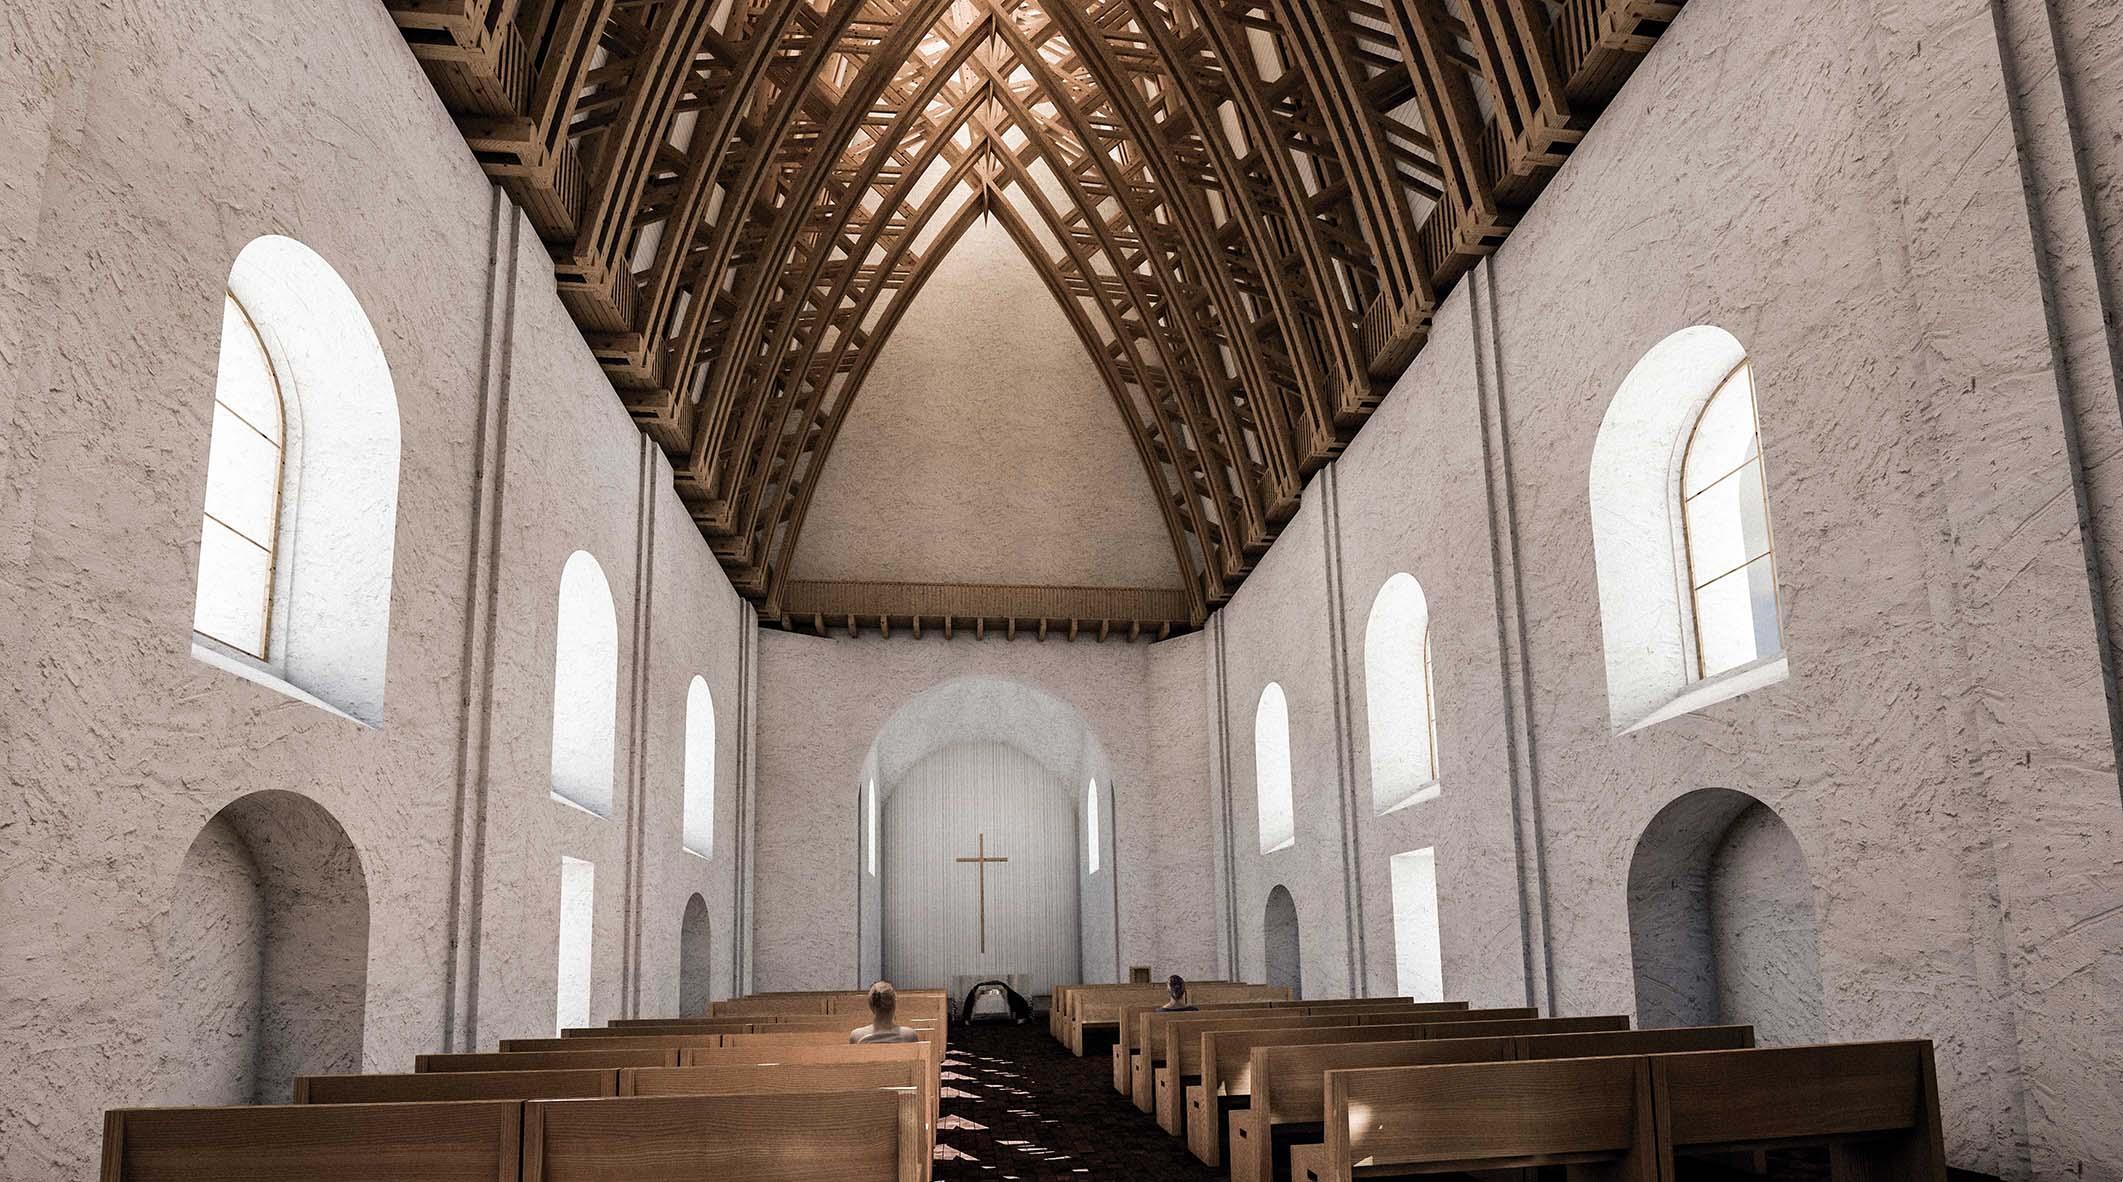 Kostel Panny Marie Dobré rady - vizualizace renovovaného interiéru - pohled do motlitebny. Autor: Kurz architekti